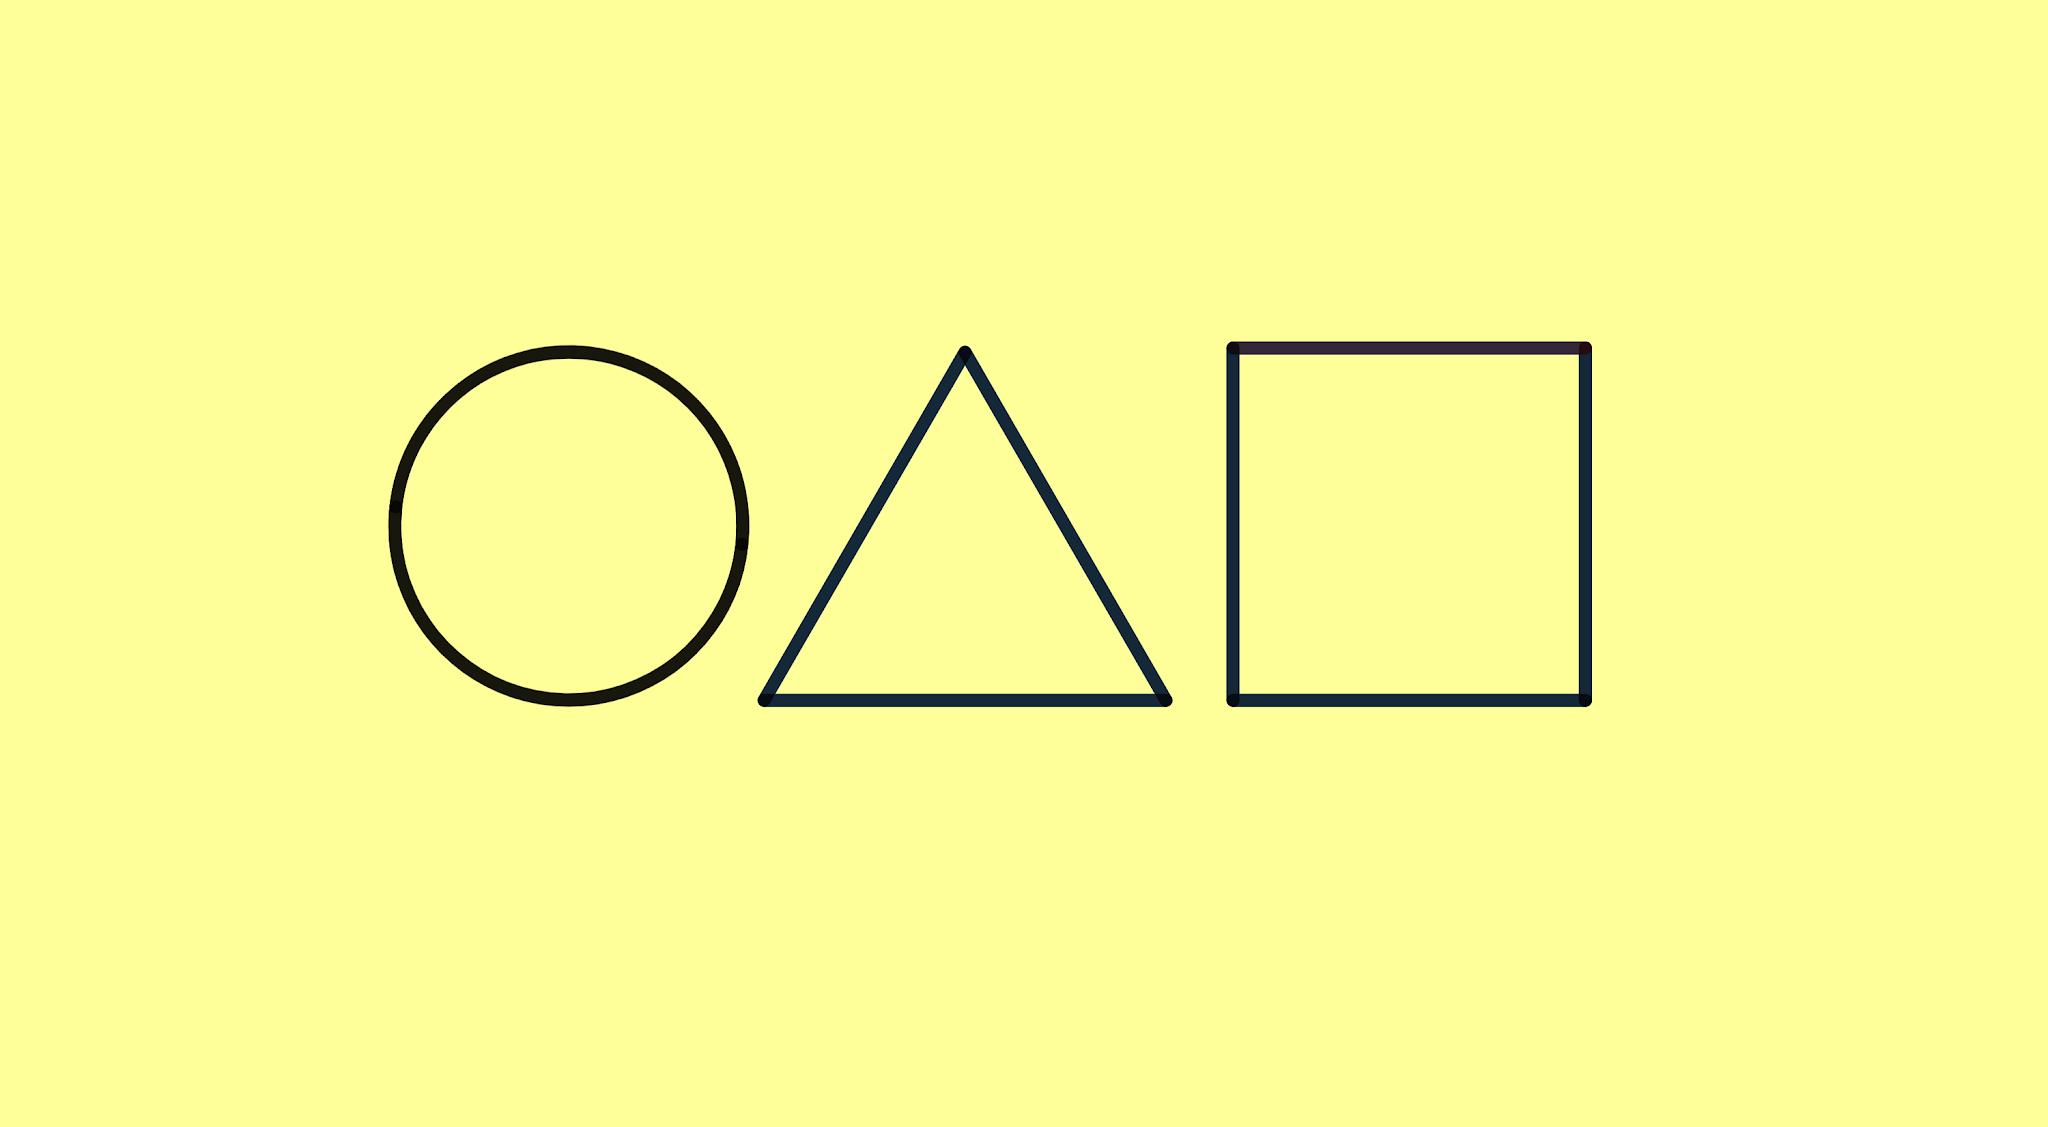 Round 6 - símbolo círculo, triângulo e quadrado